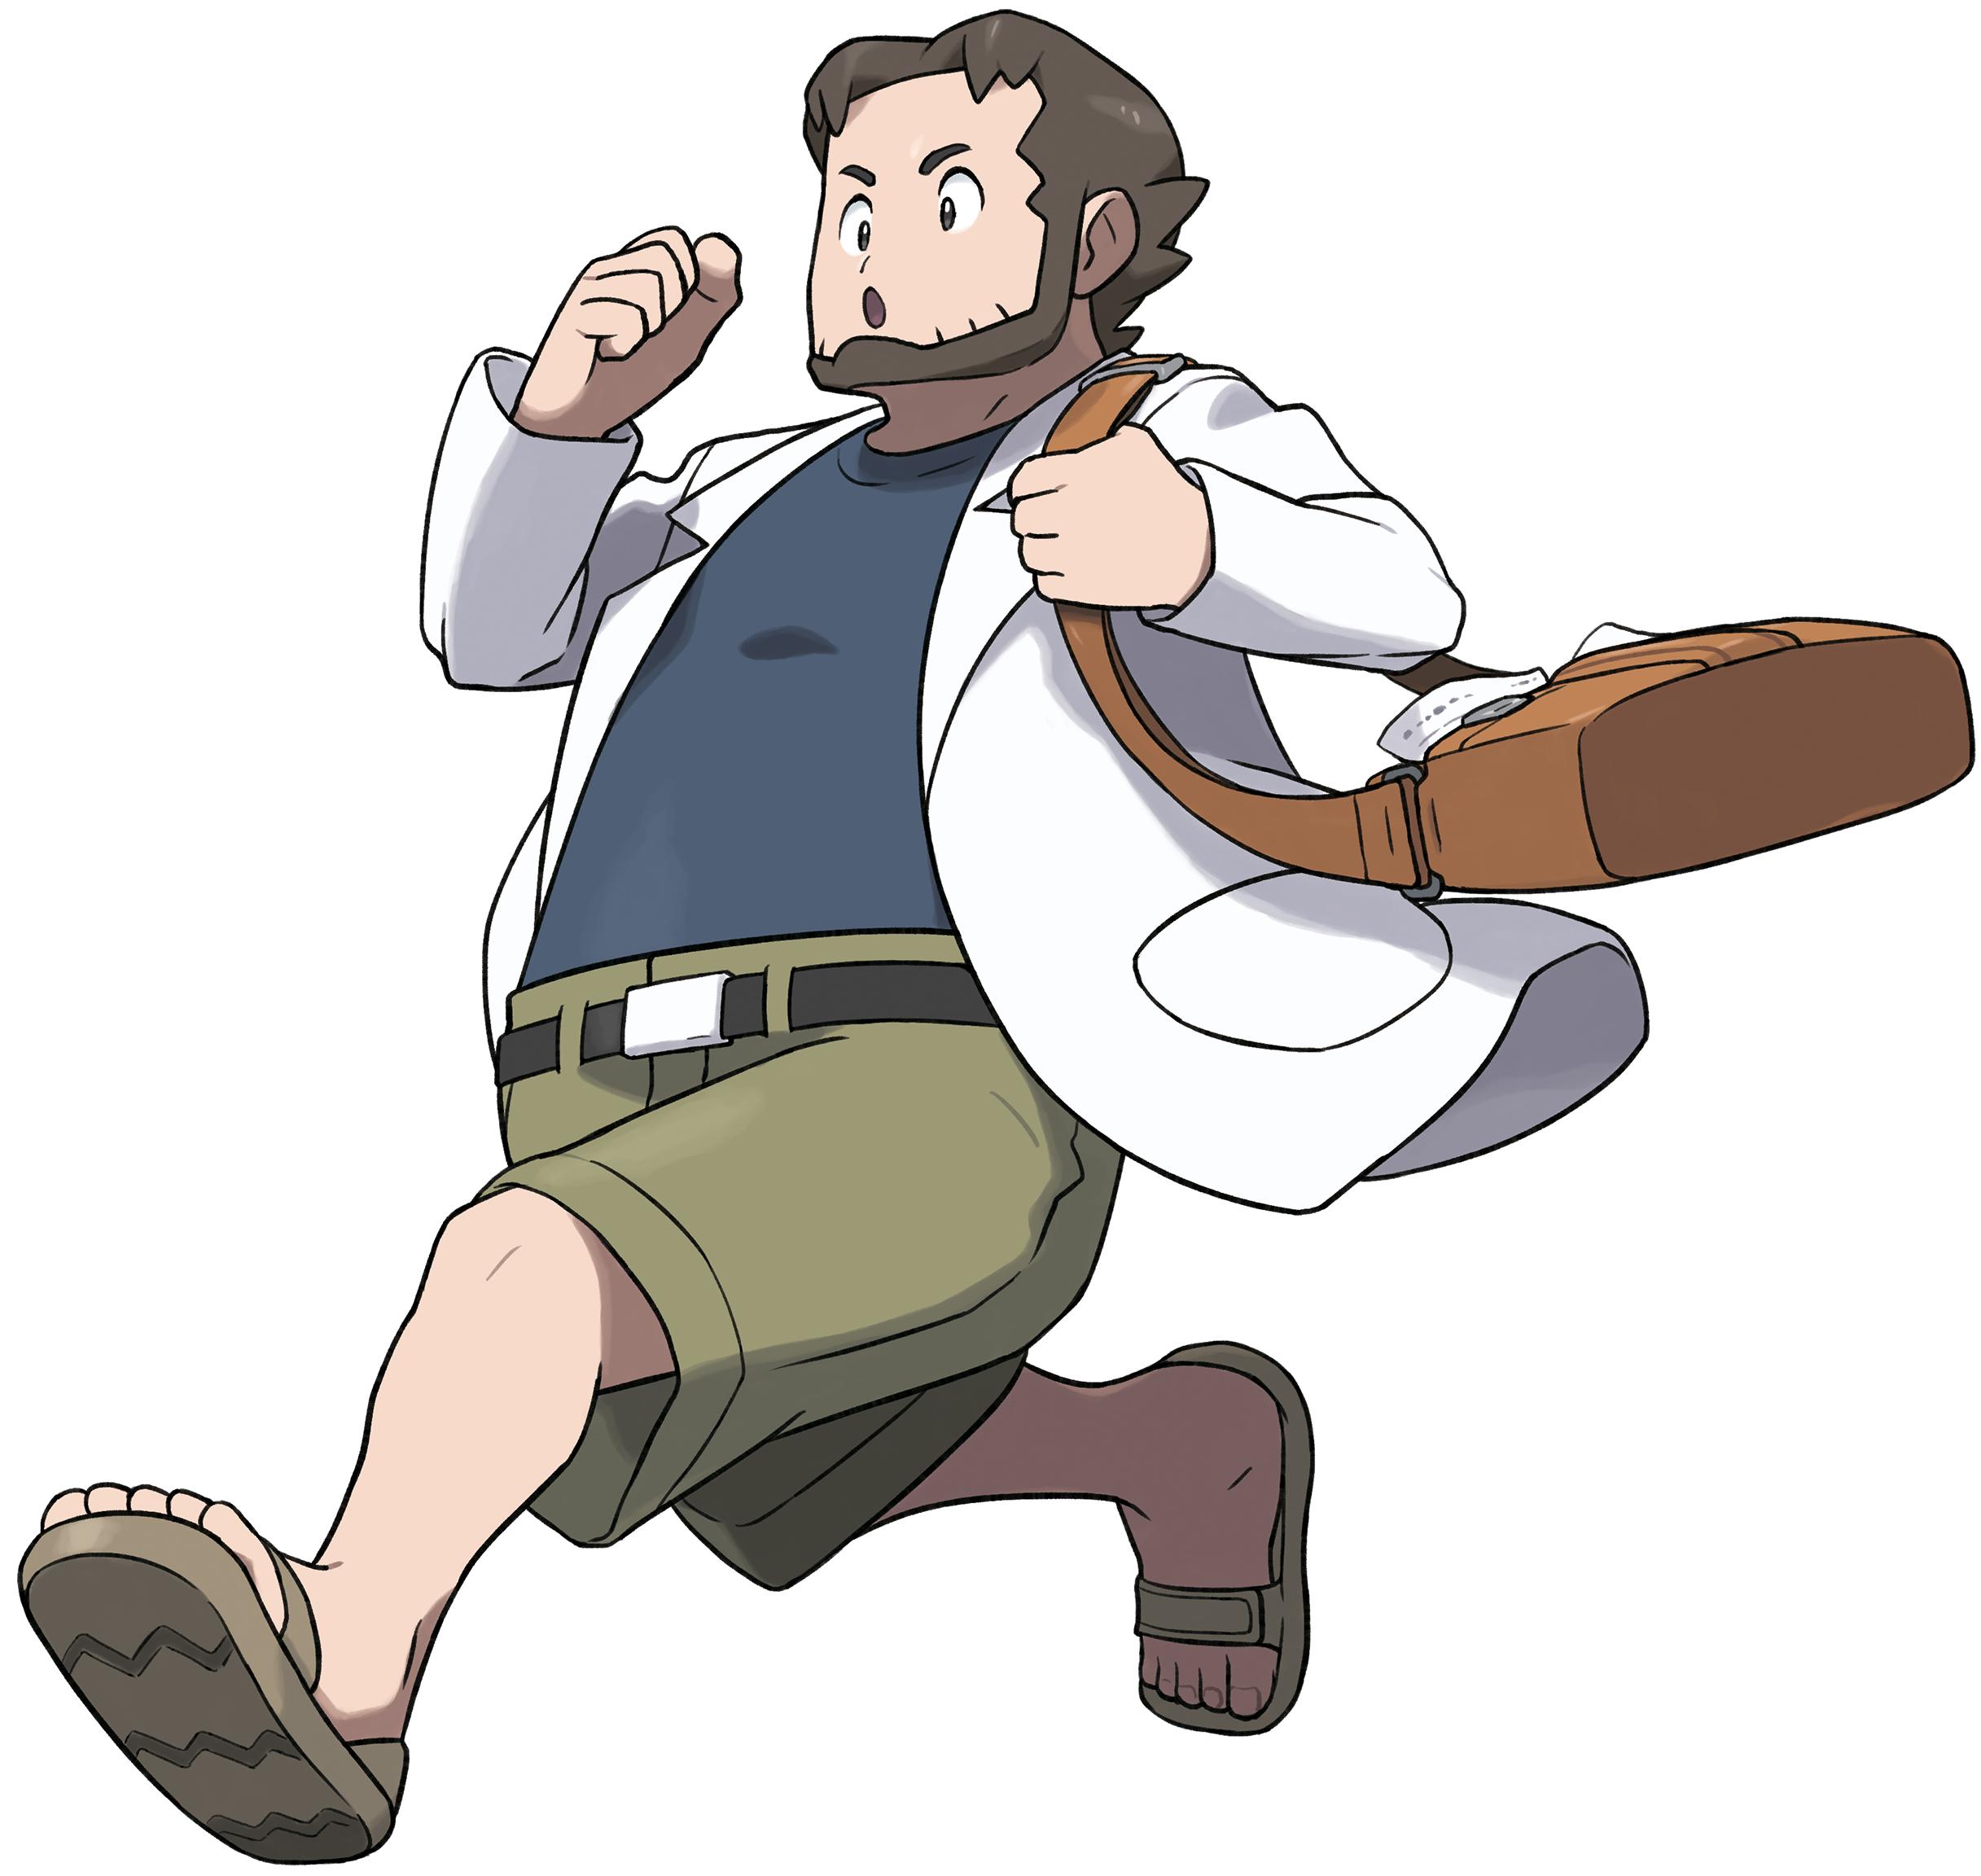 Professor Birk